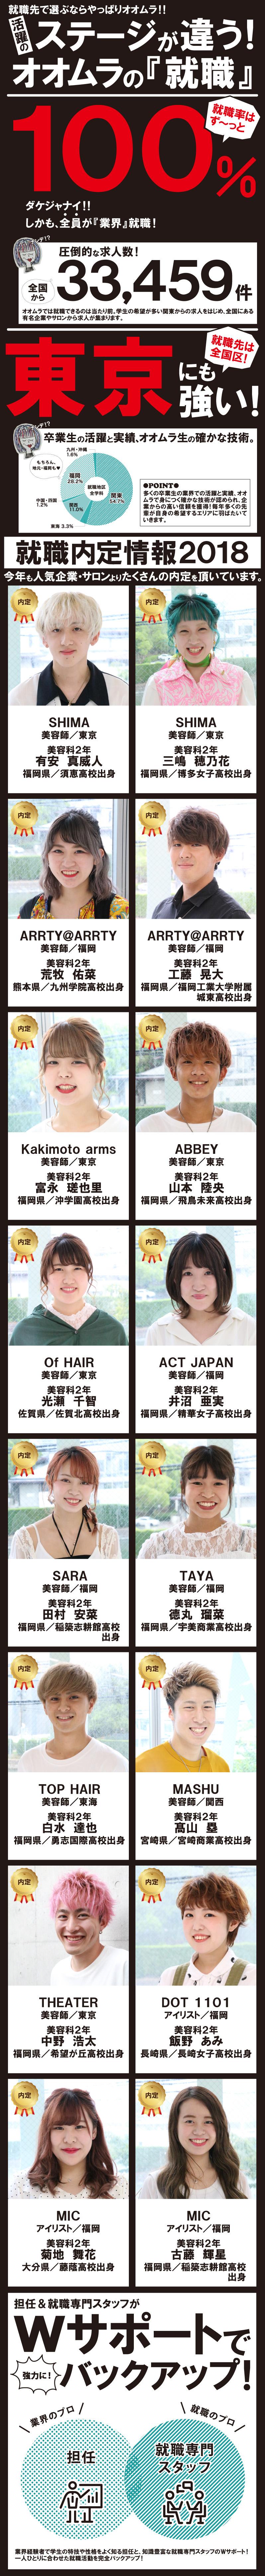 内定者速報 vol.1